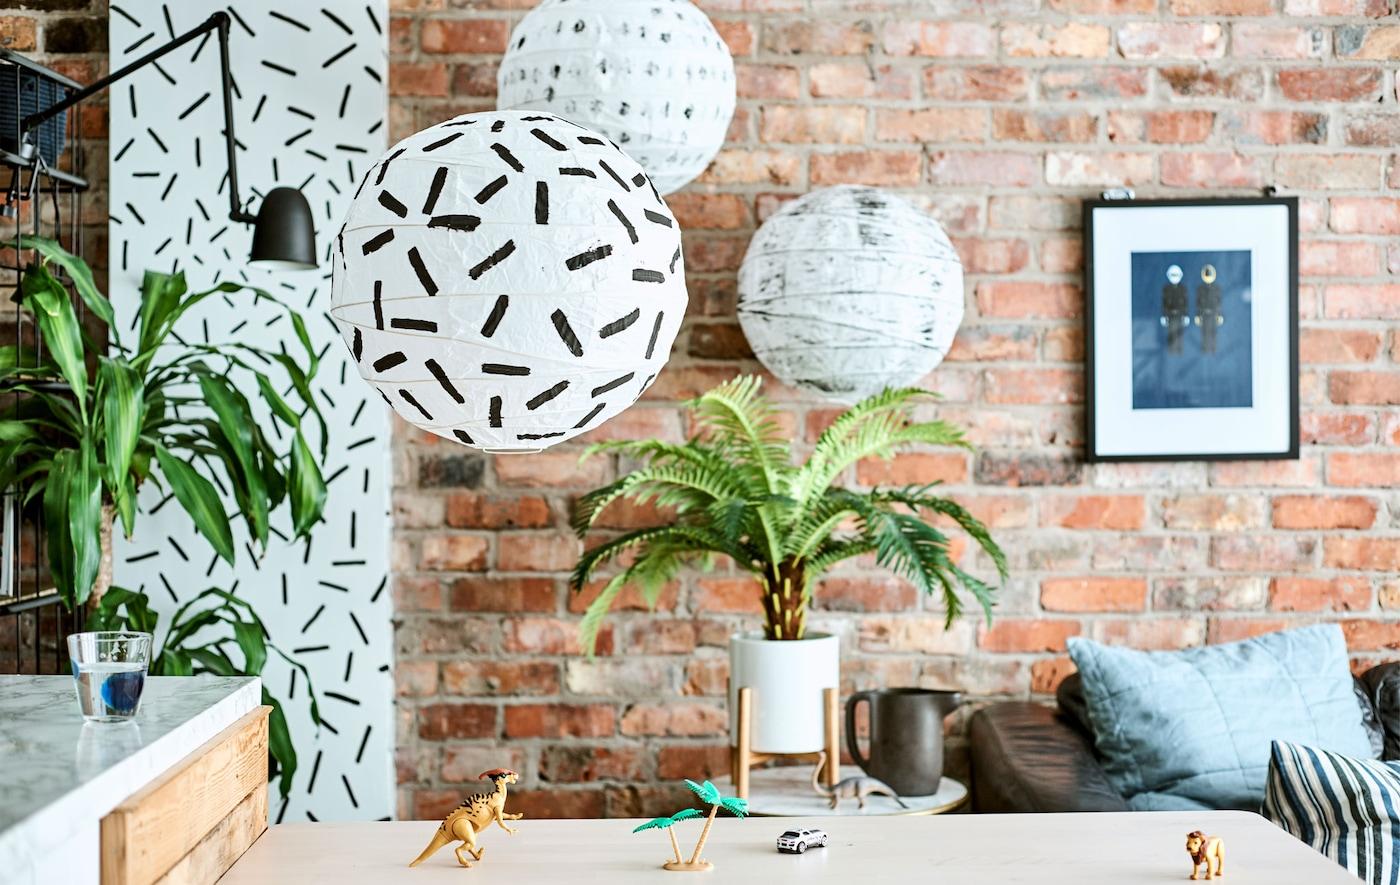 Comment Customiser Une Lampe De Chevet idées pour personnaliser l'abat-jour regolit - ikea